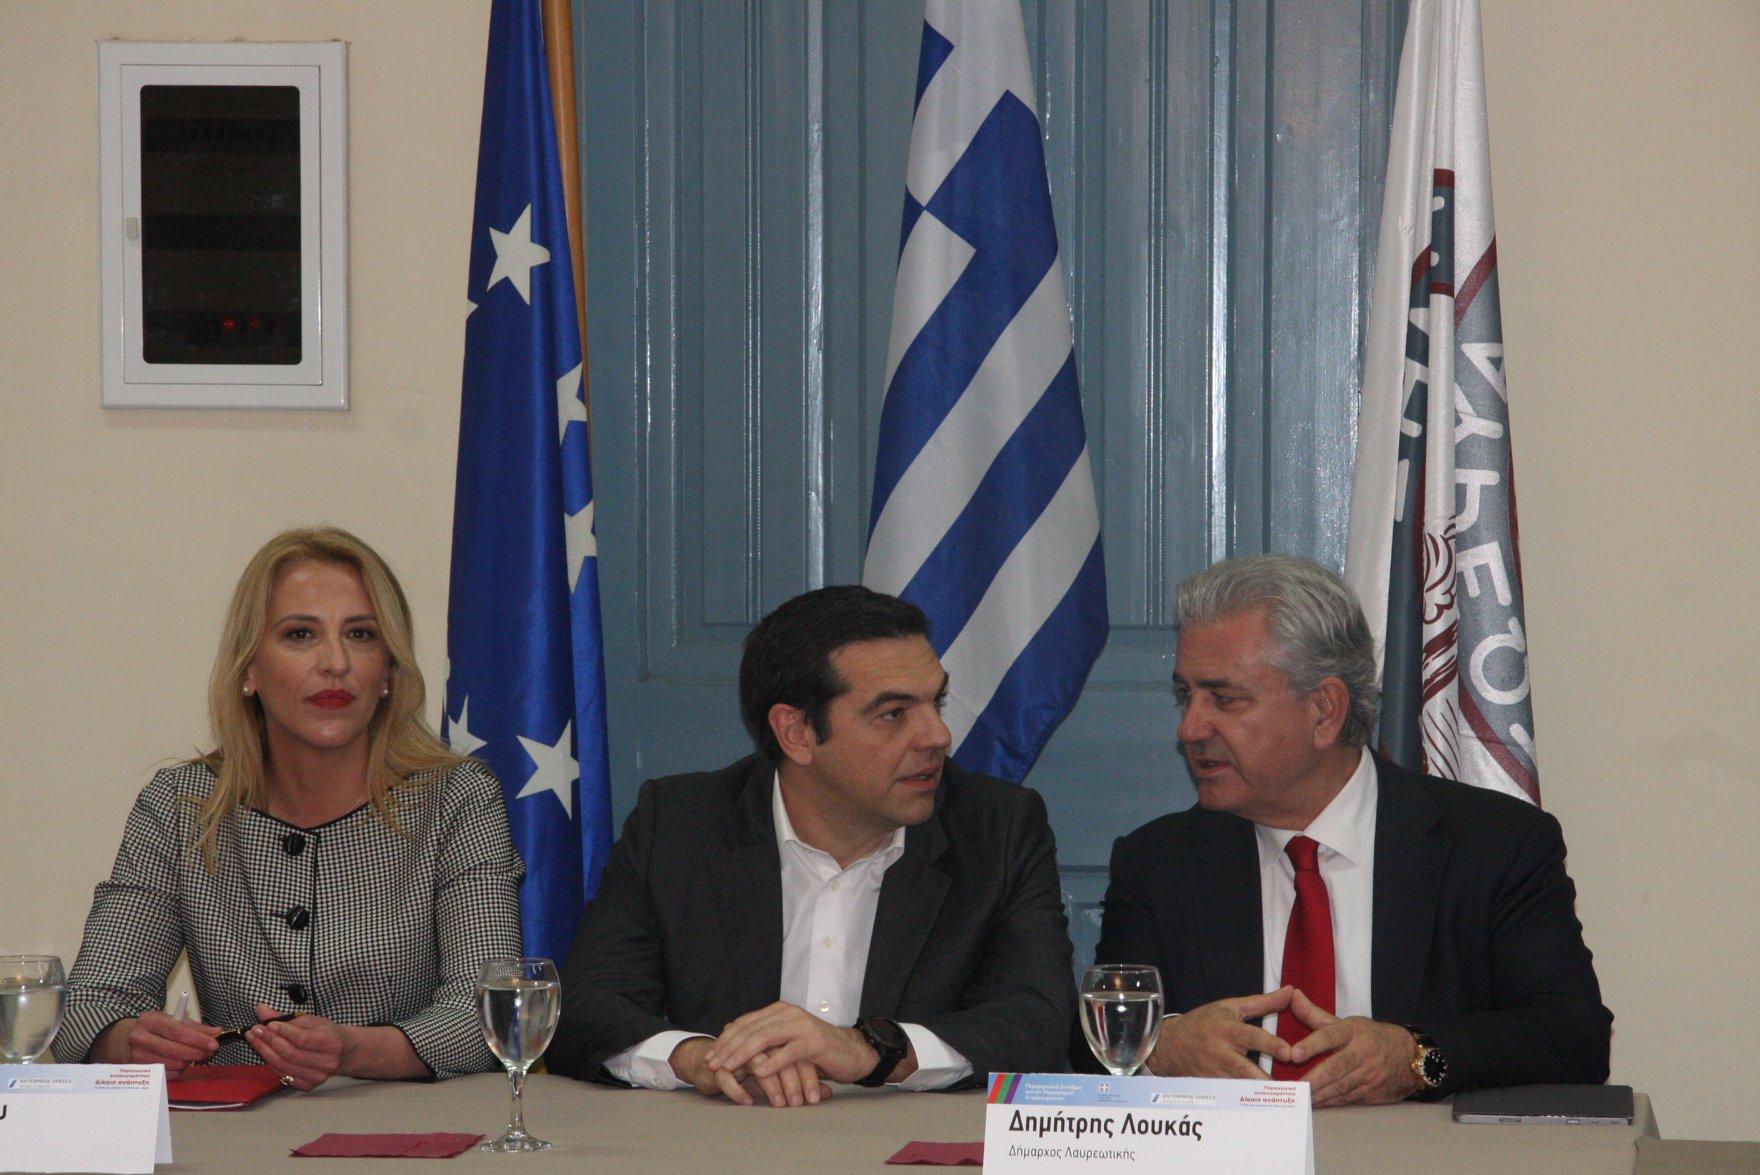 dimitris_loukas_alexis_tsipras